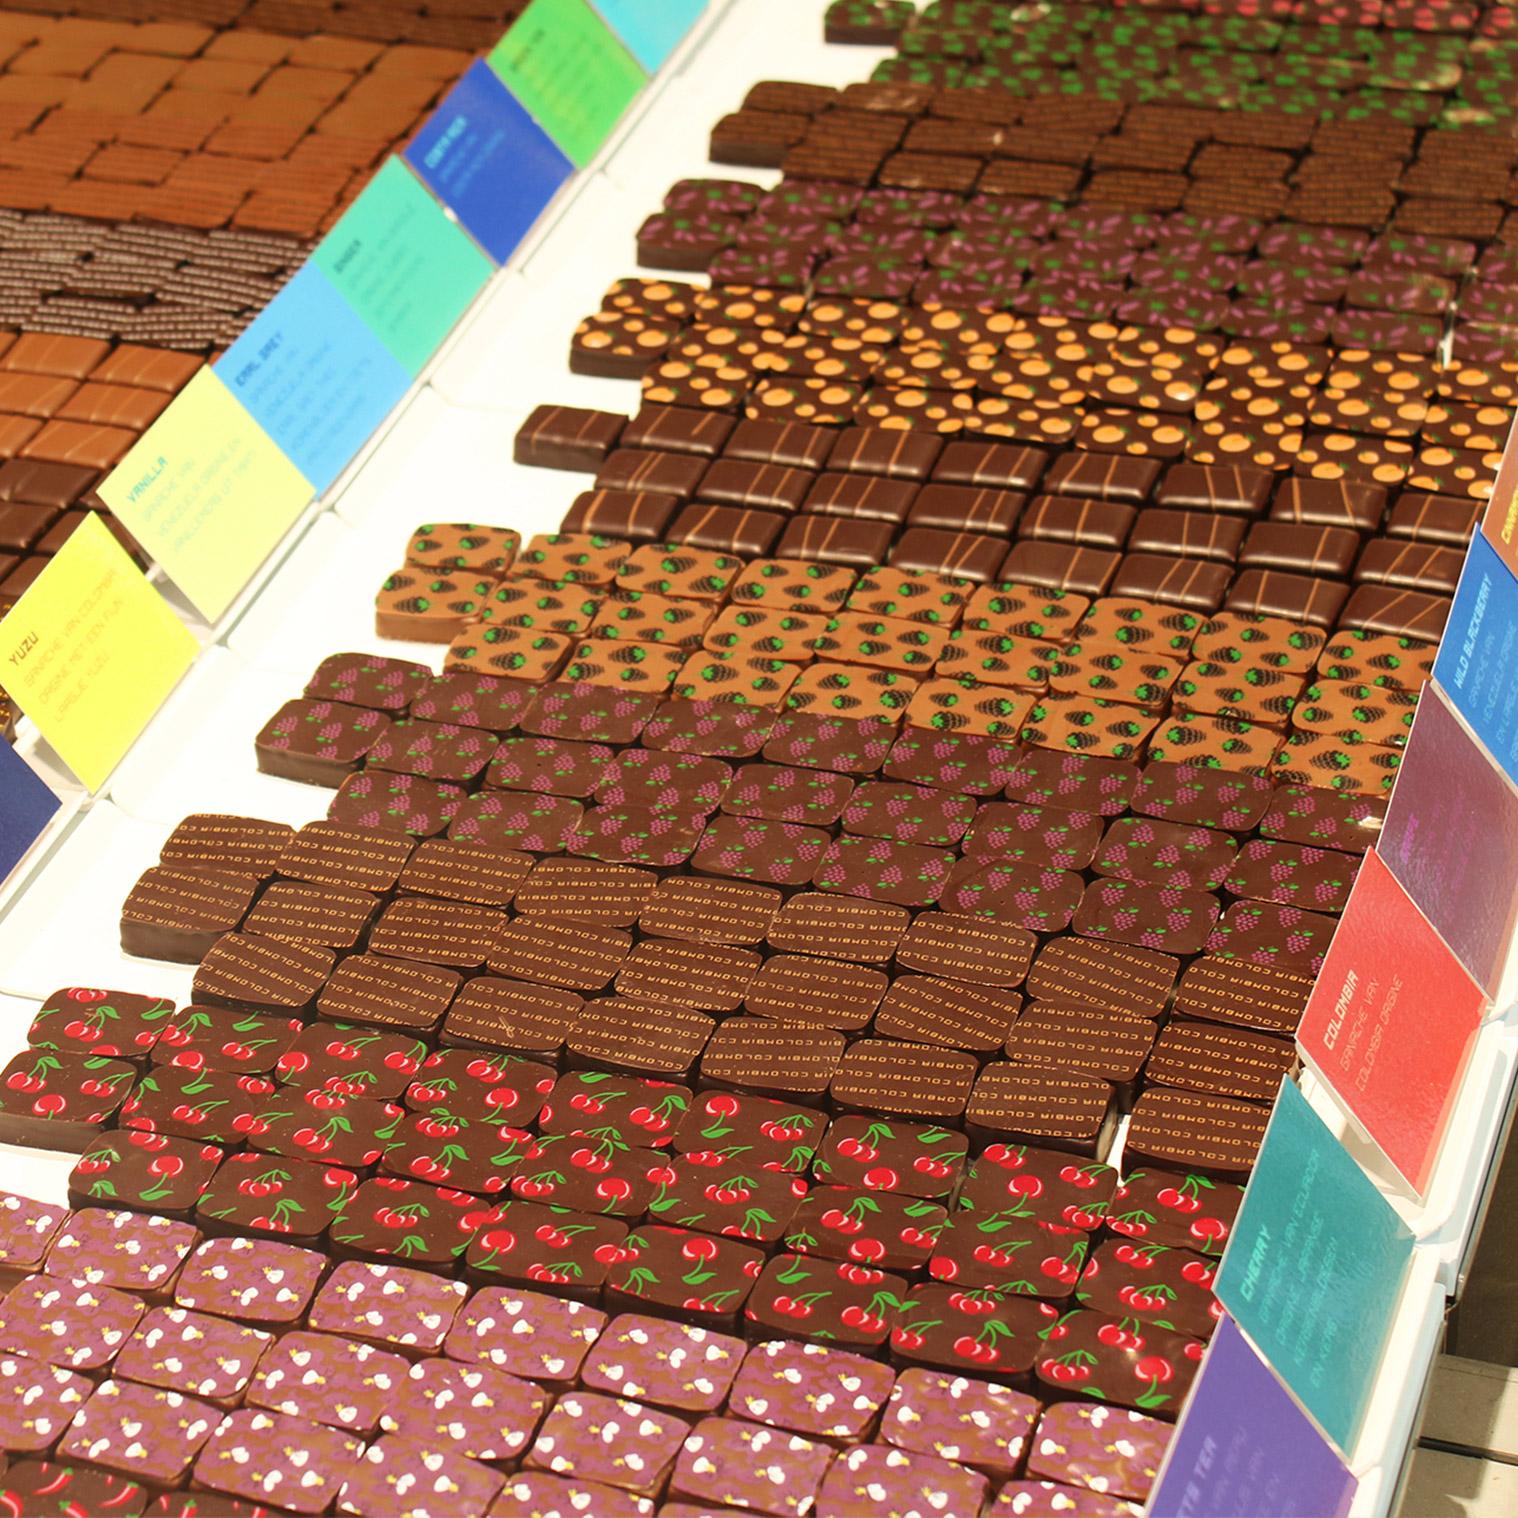 10-ChocolateSquare-02c